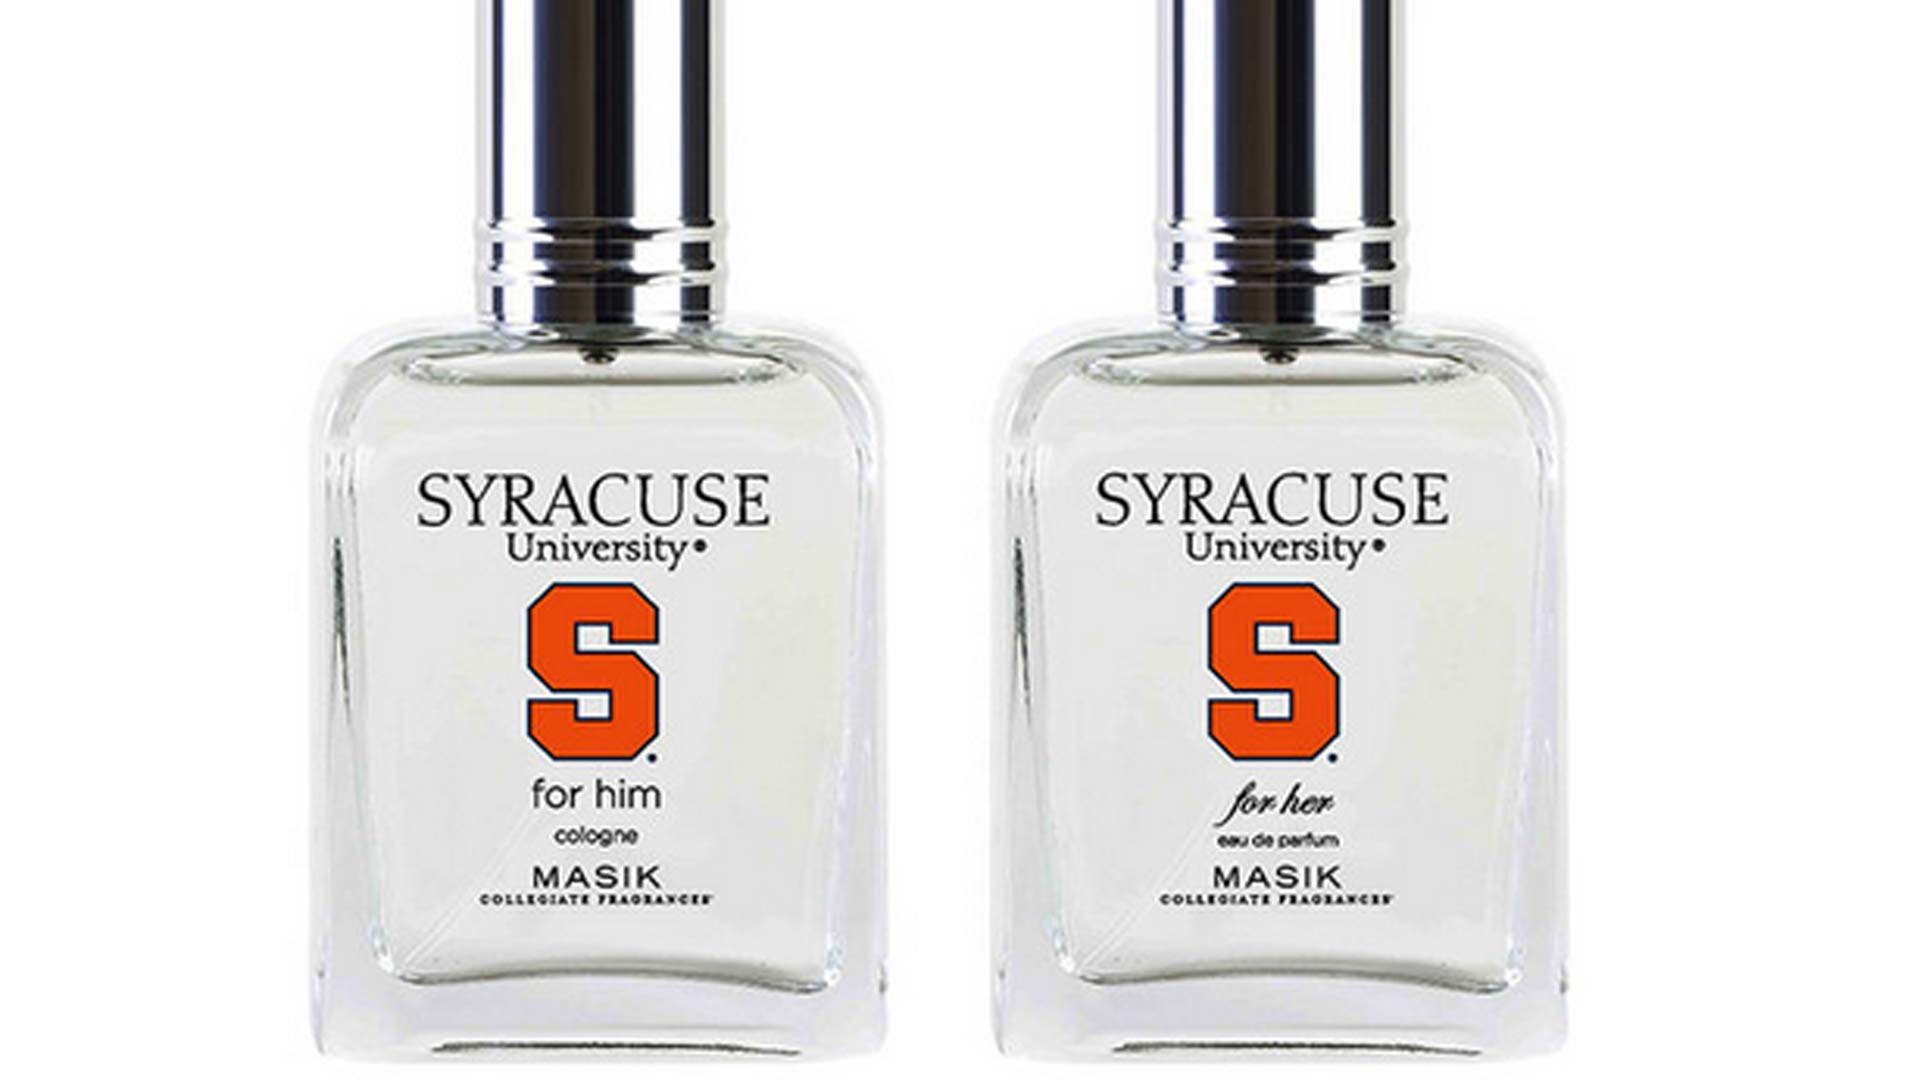 syracuse-perfume-022614-masik-ftr